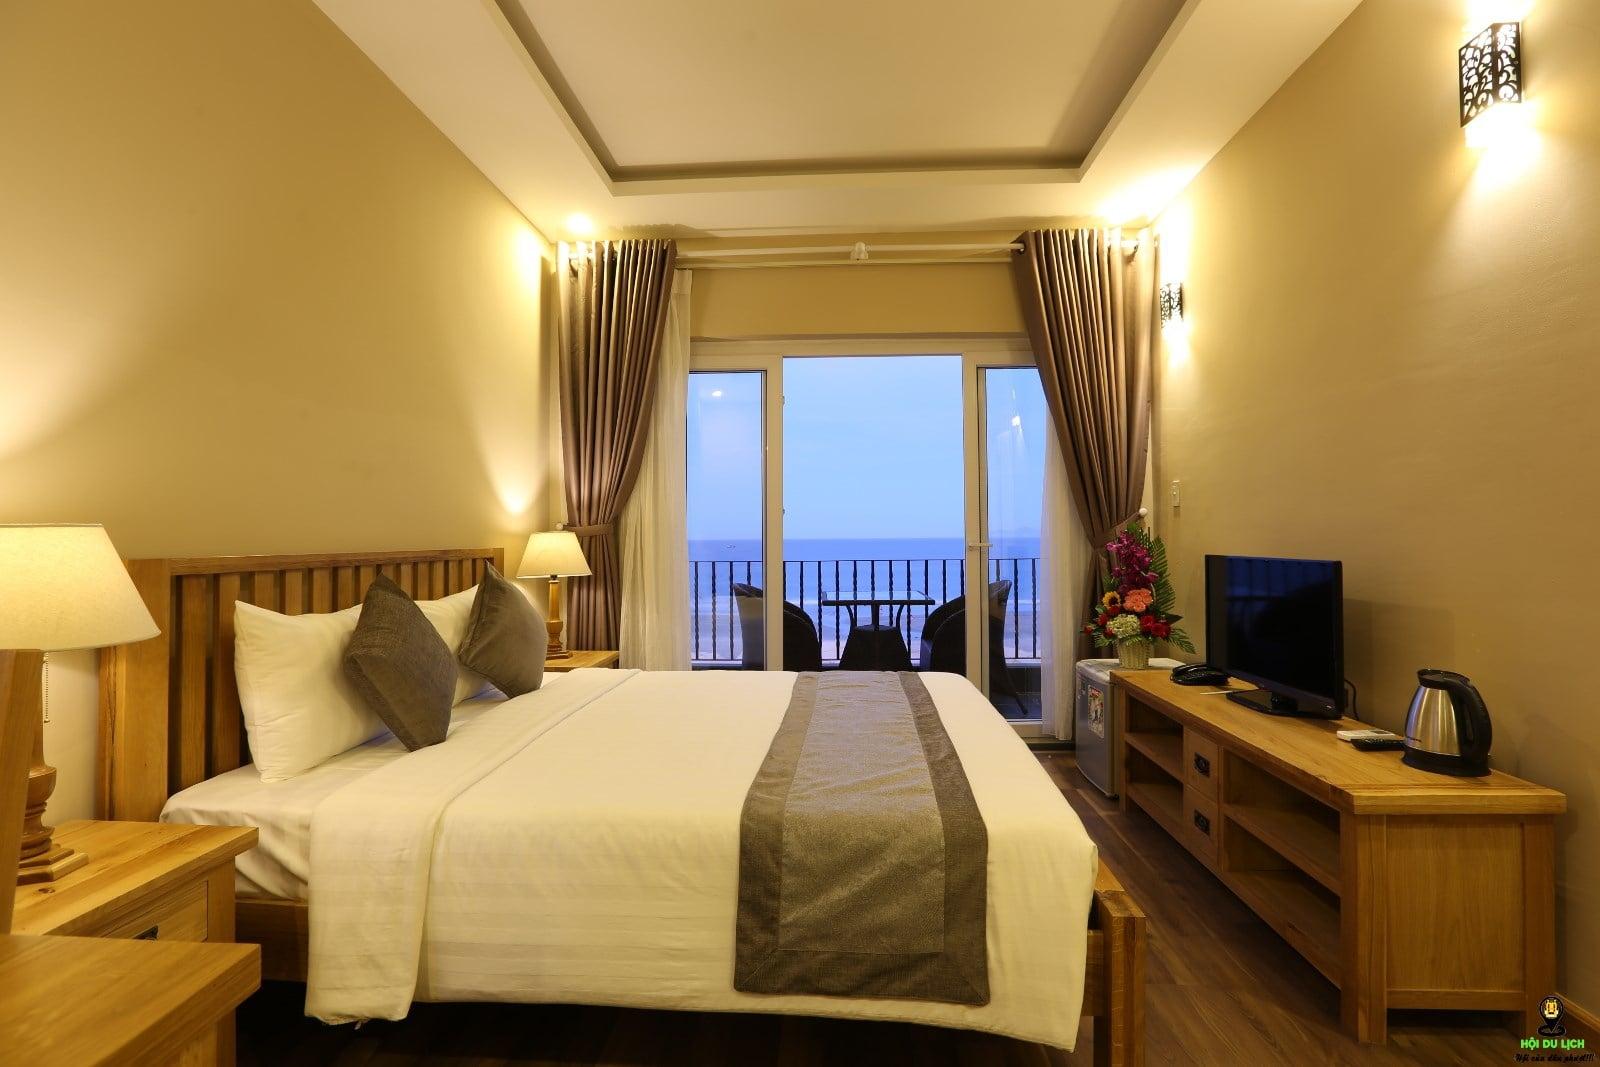 Nên book phòng khách sạn từ sớm tránh trường hợp hết phòng và giá bị đẩy lên cao hơn